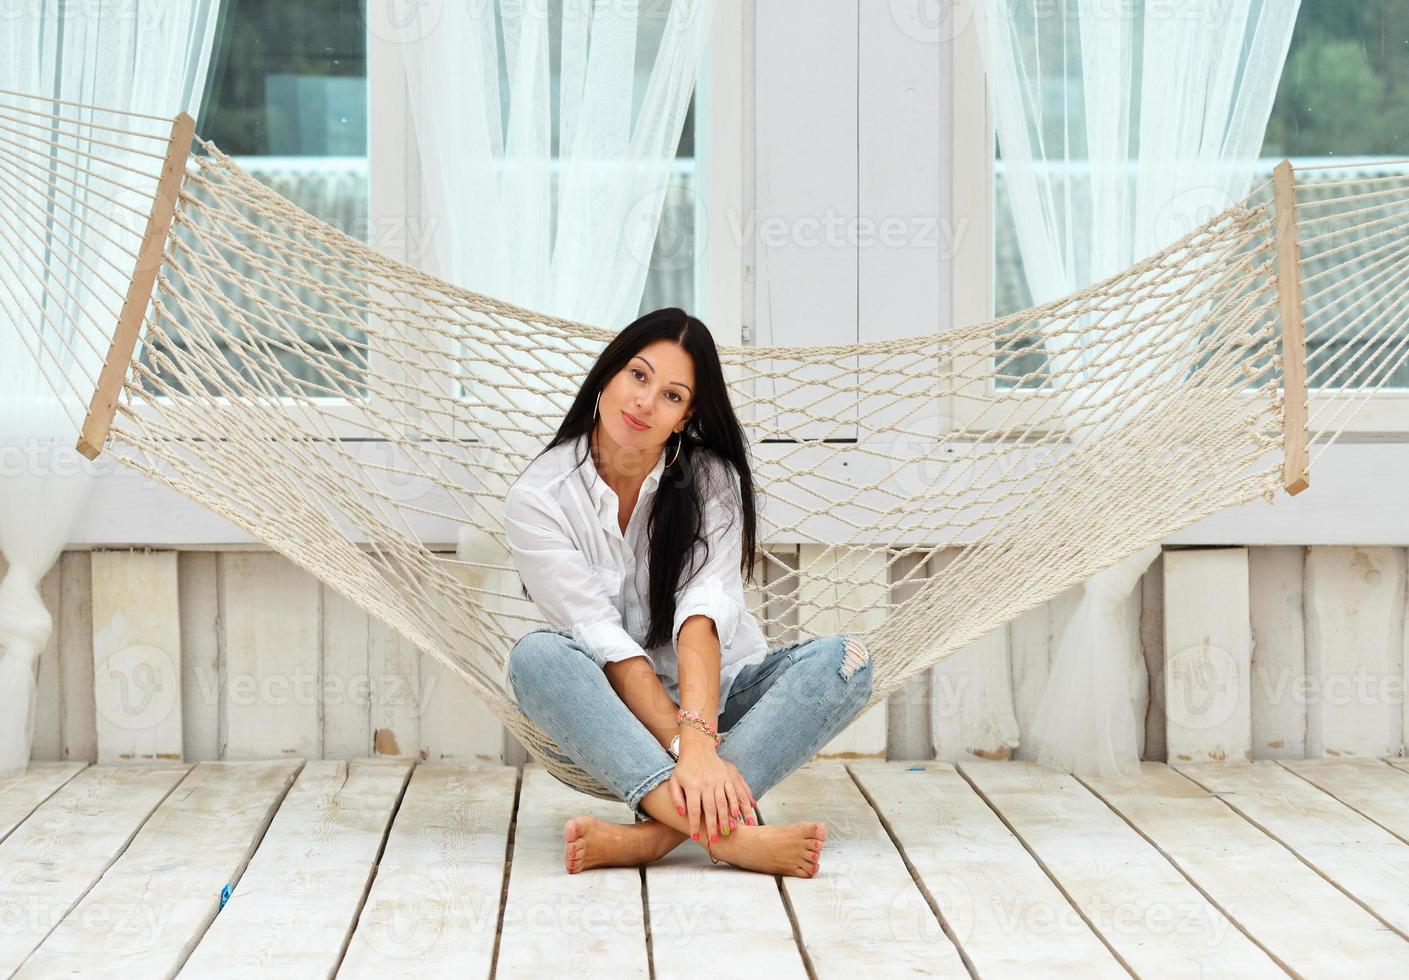 belle jeune femme souriante se détendre dans un hamac à la maison photo